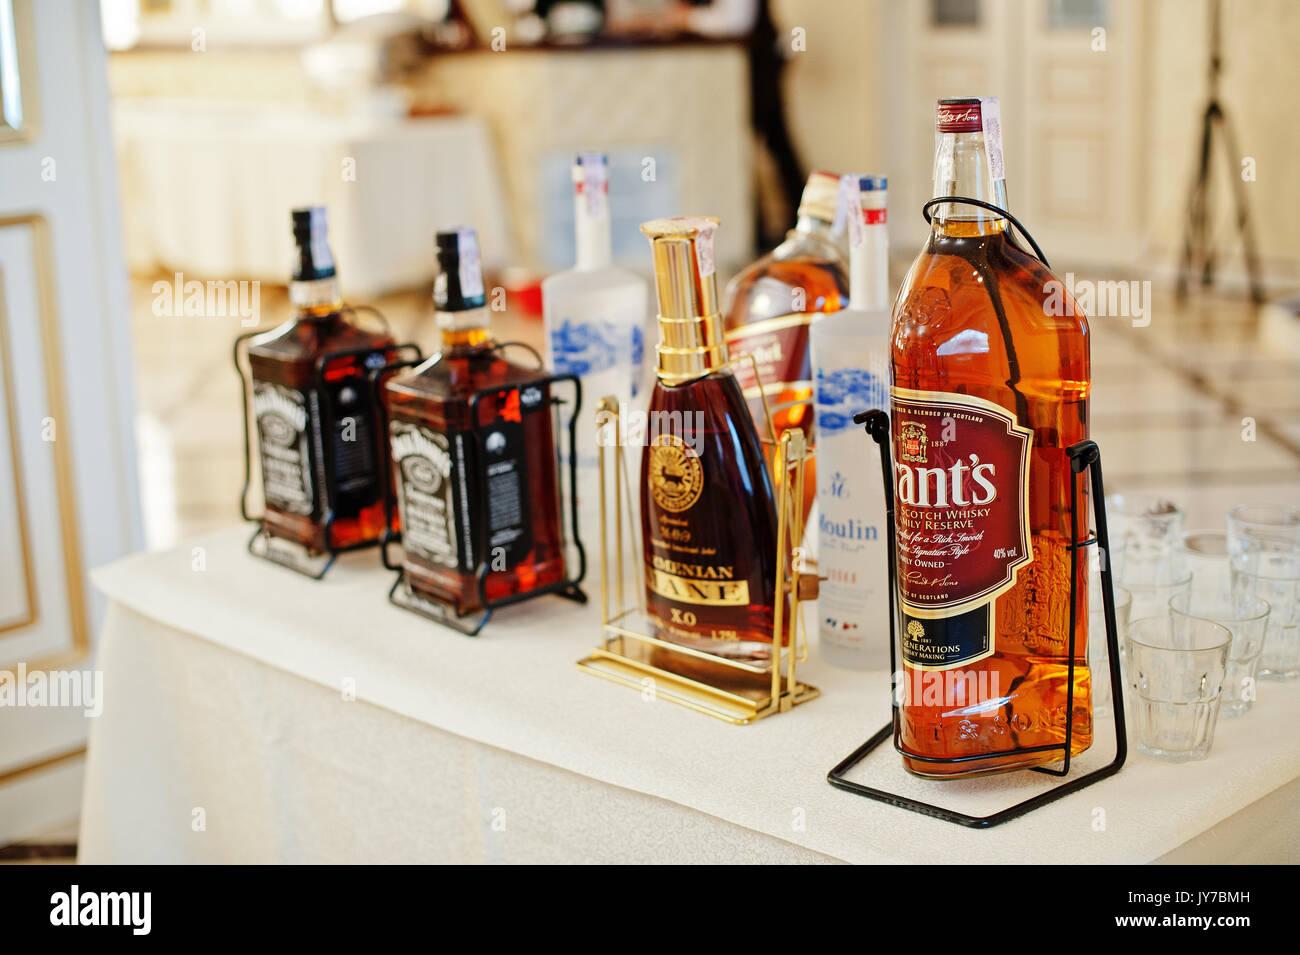 datant Jack Daniels bouteille Hook up Altec Lansing haut-parleurs